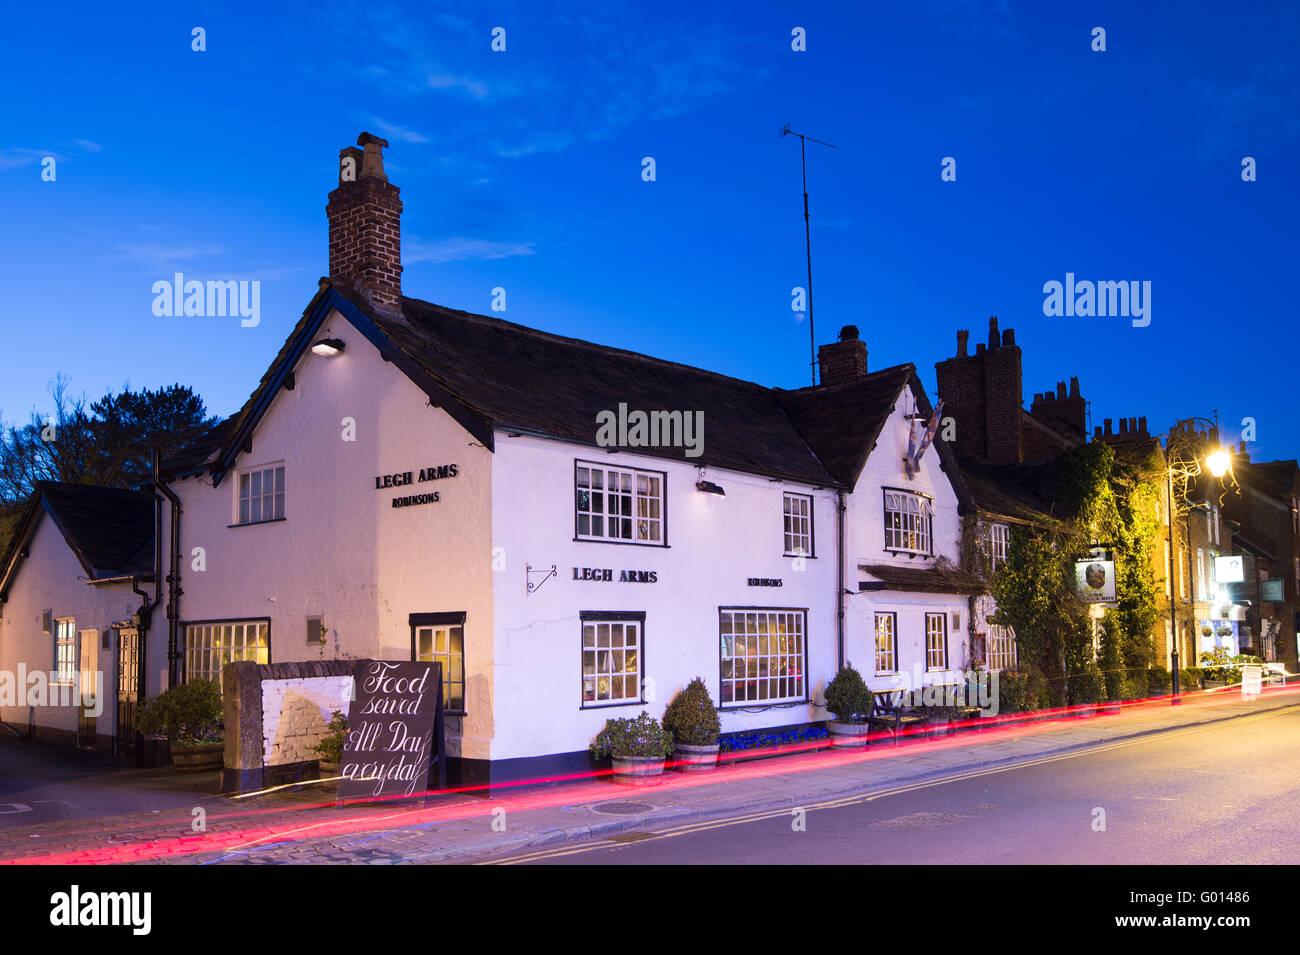 Die Legh Arme in Prestbury Dorf, in der Nacht, Prestbury, in der Nähe von Macclesfield, Cheshire. Stockfoto